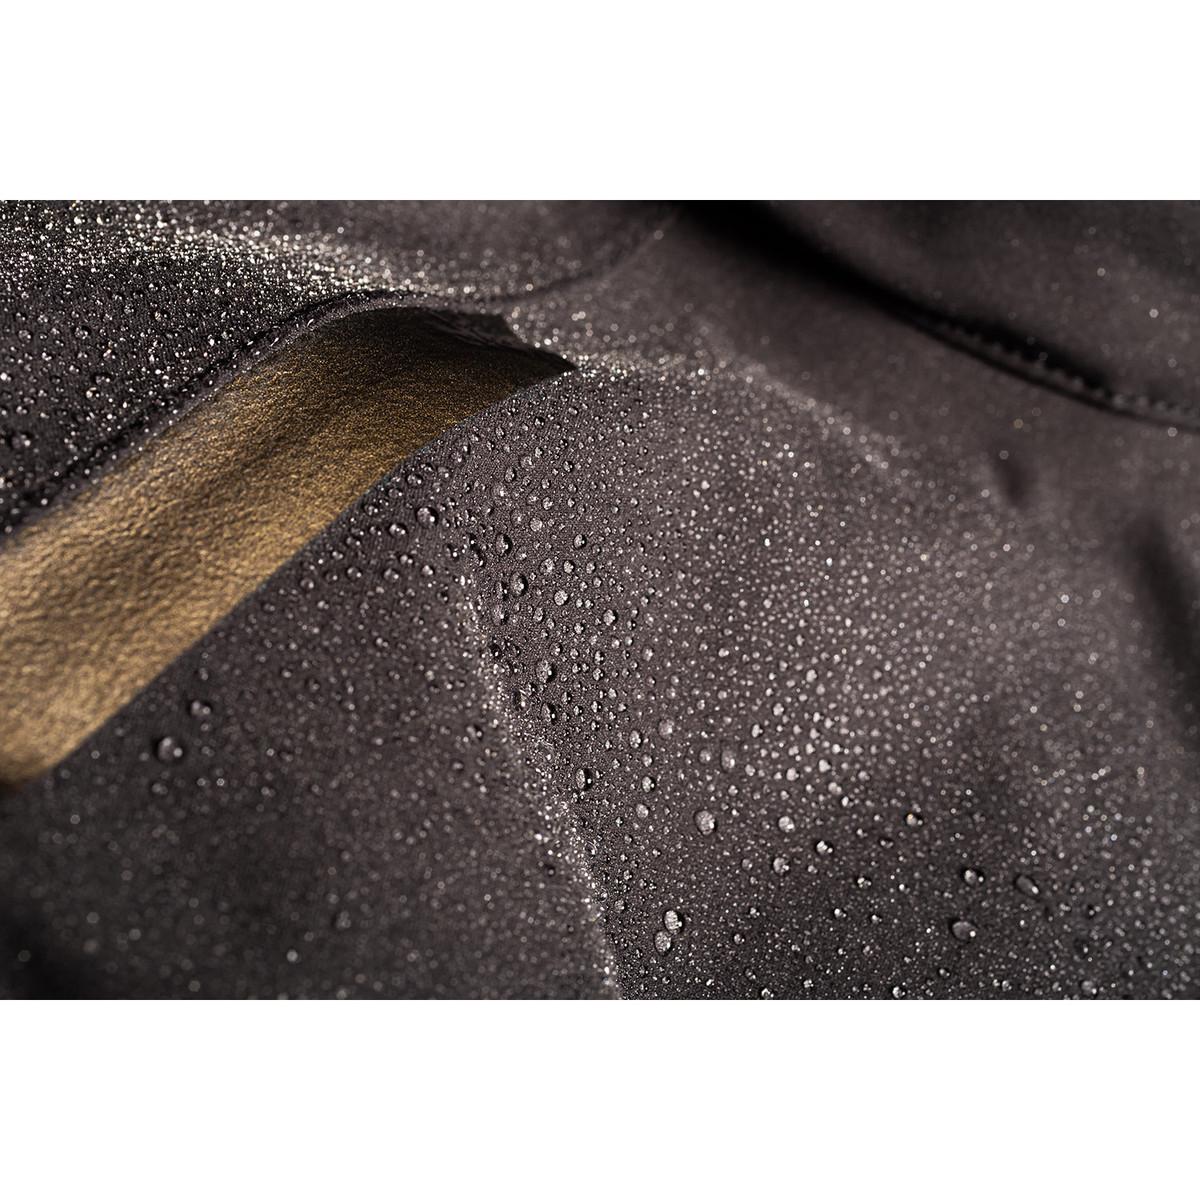 Enduro S4 Jacket Black Detail